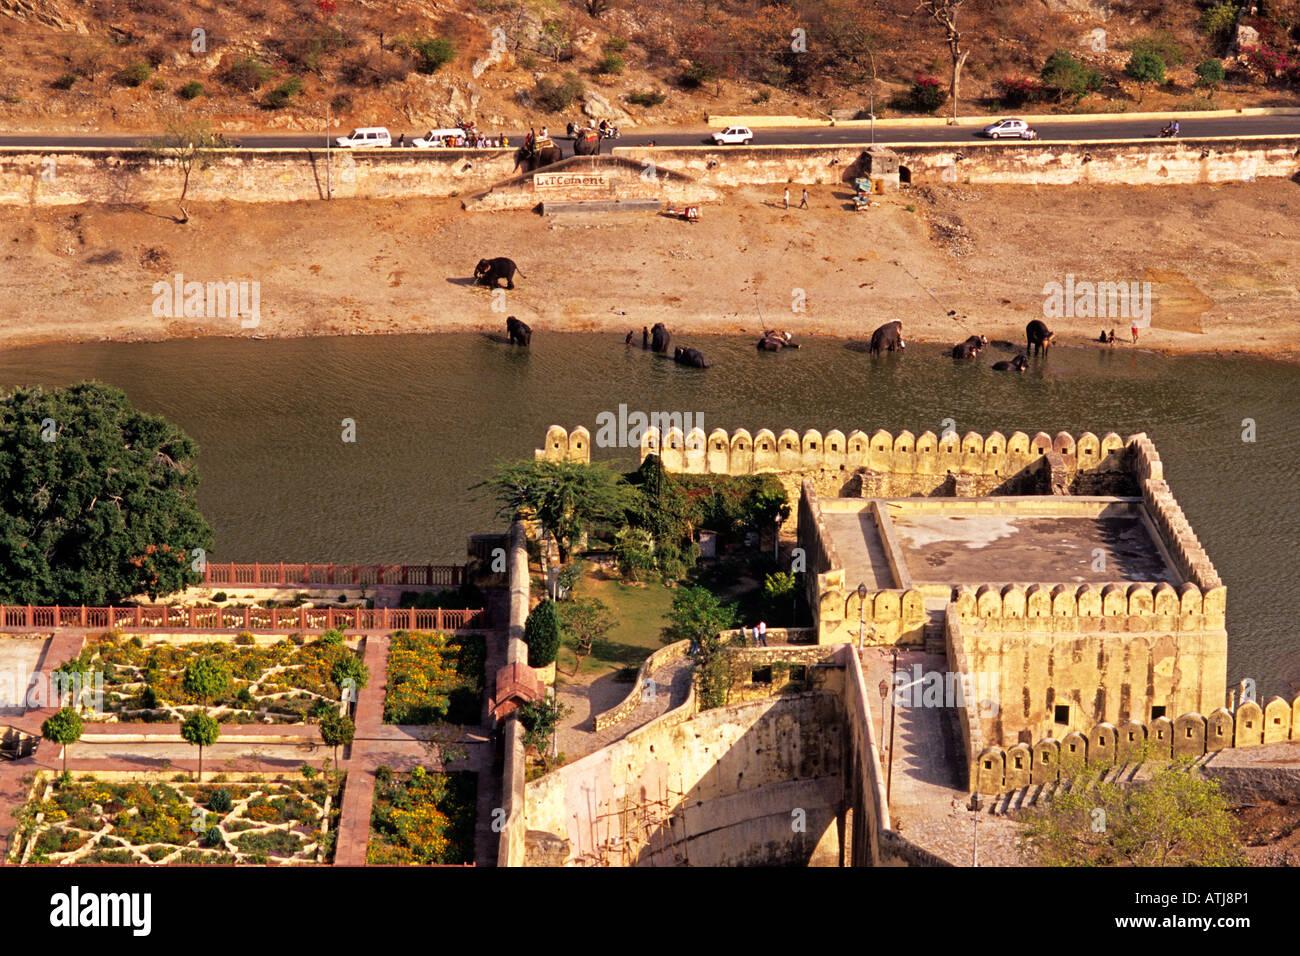 Kesar Kyari Bagh, garden in Maota Lake, near Amber Fort, Rajasthan, India - Stock Image